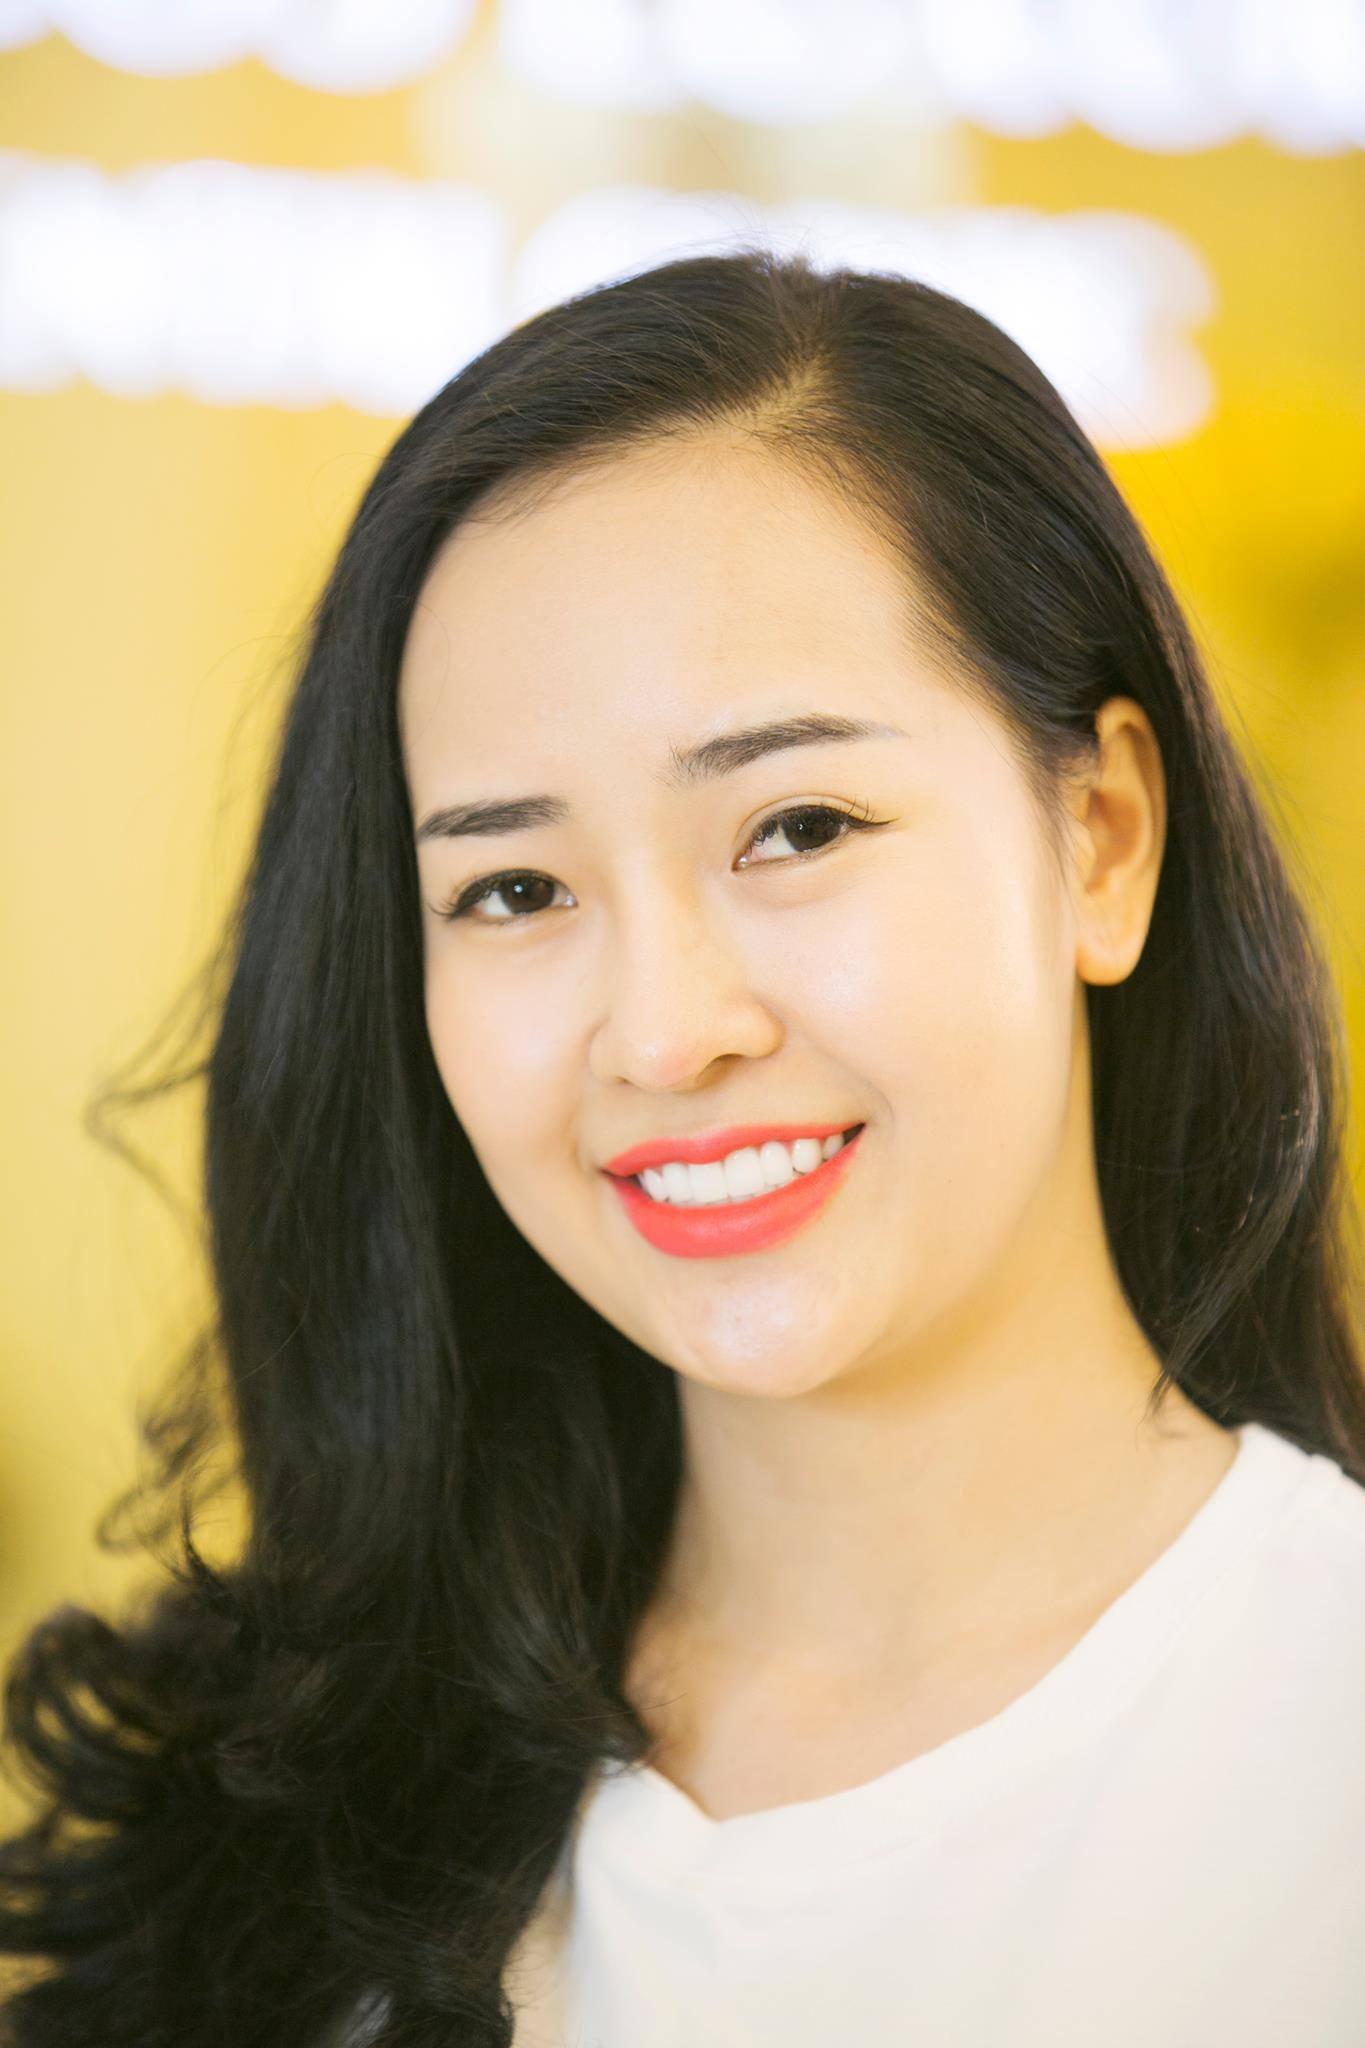 Hàm răng trắng sáng, nụ cười tự tin sau khi làm răng sứ